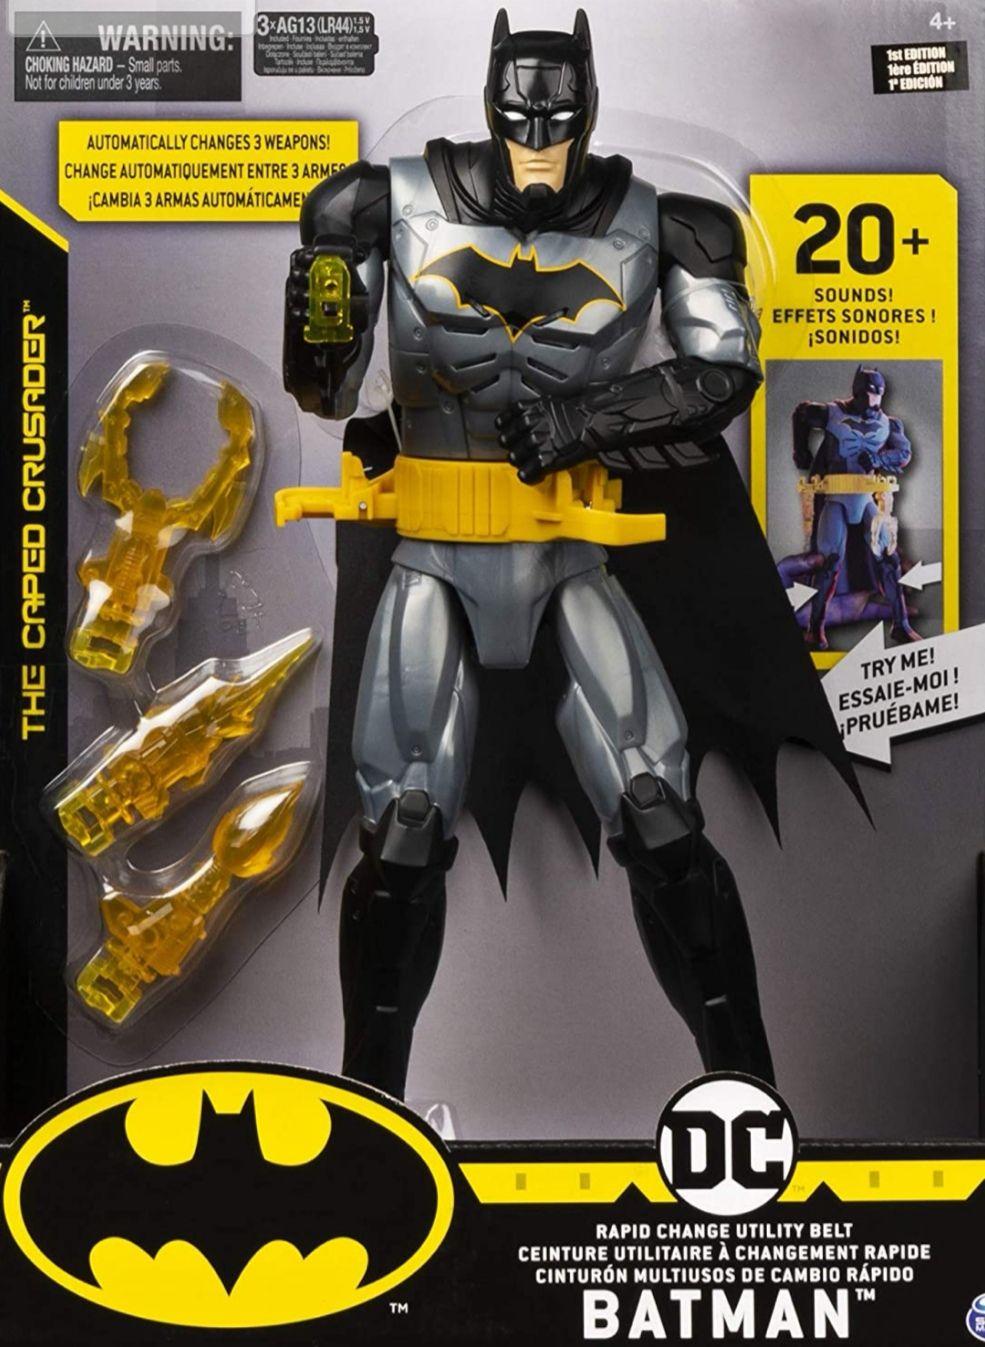 Figura Acción Batman 30 cm. Con + de 20 efectos de sonidos y luces (Precio al tramitar)